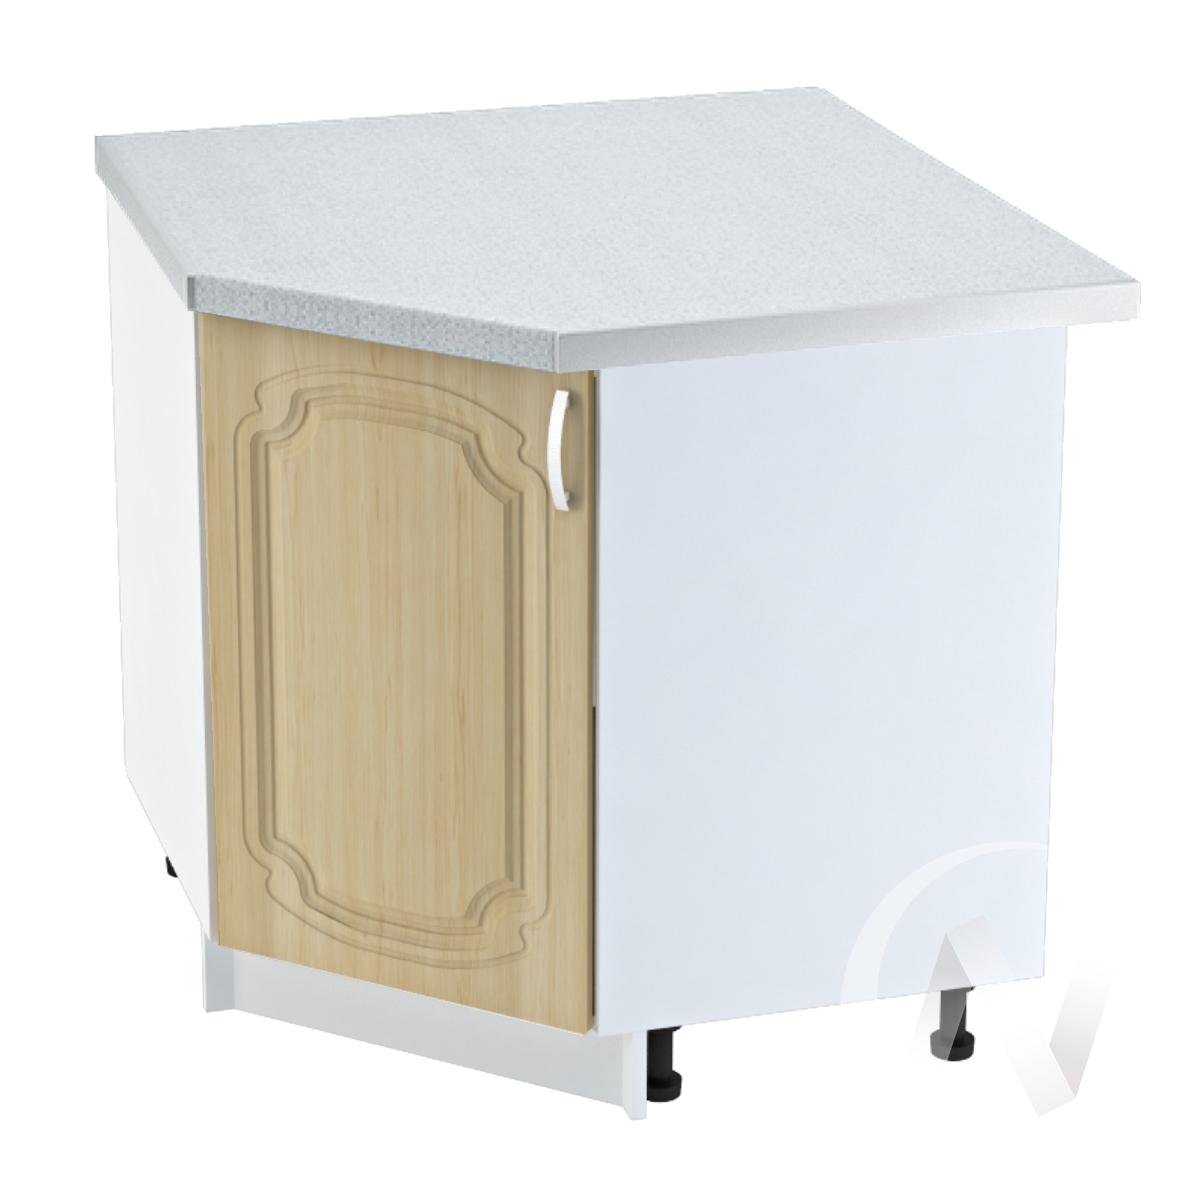 """Кухня """"Настя"""": Шкаф нижний угловой 890, ШНУ 890 (Береза/корпус белый)"""